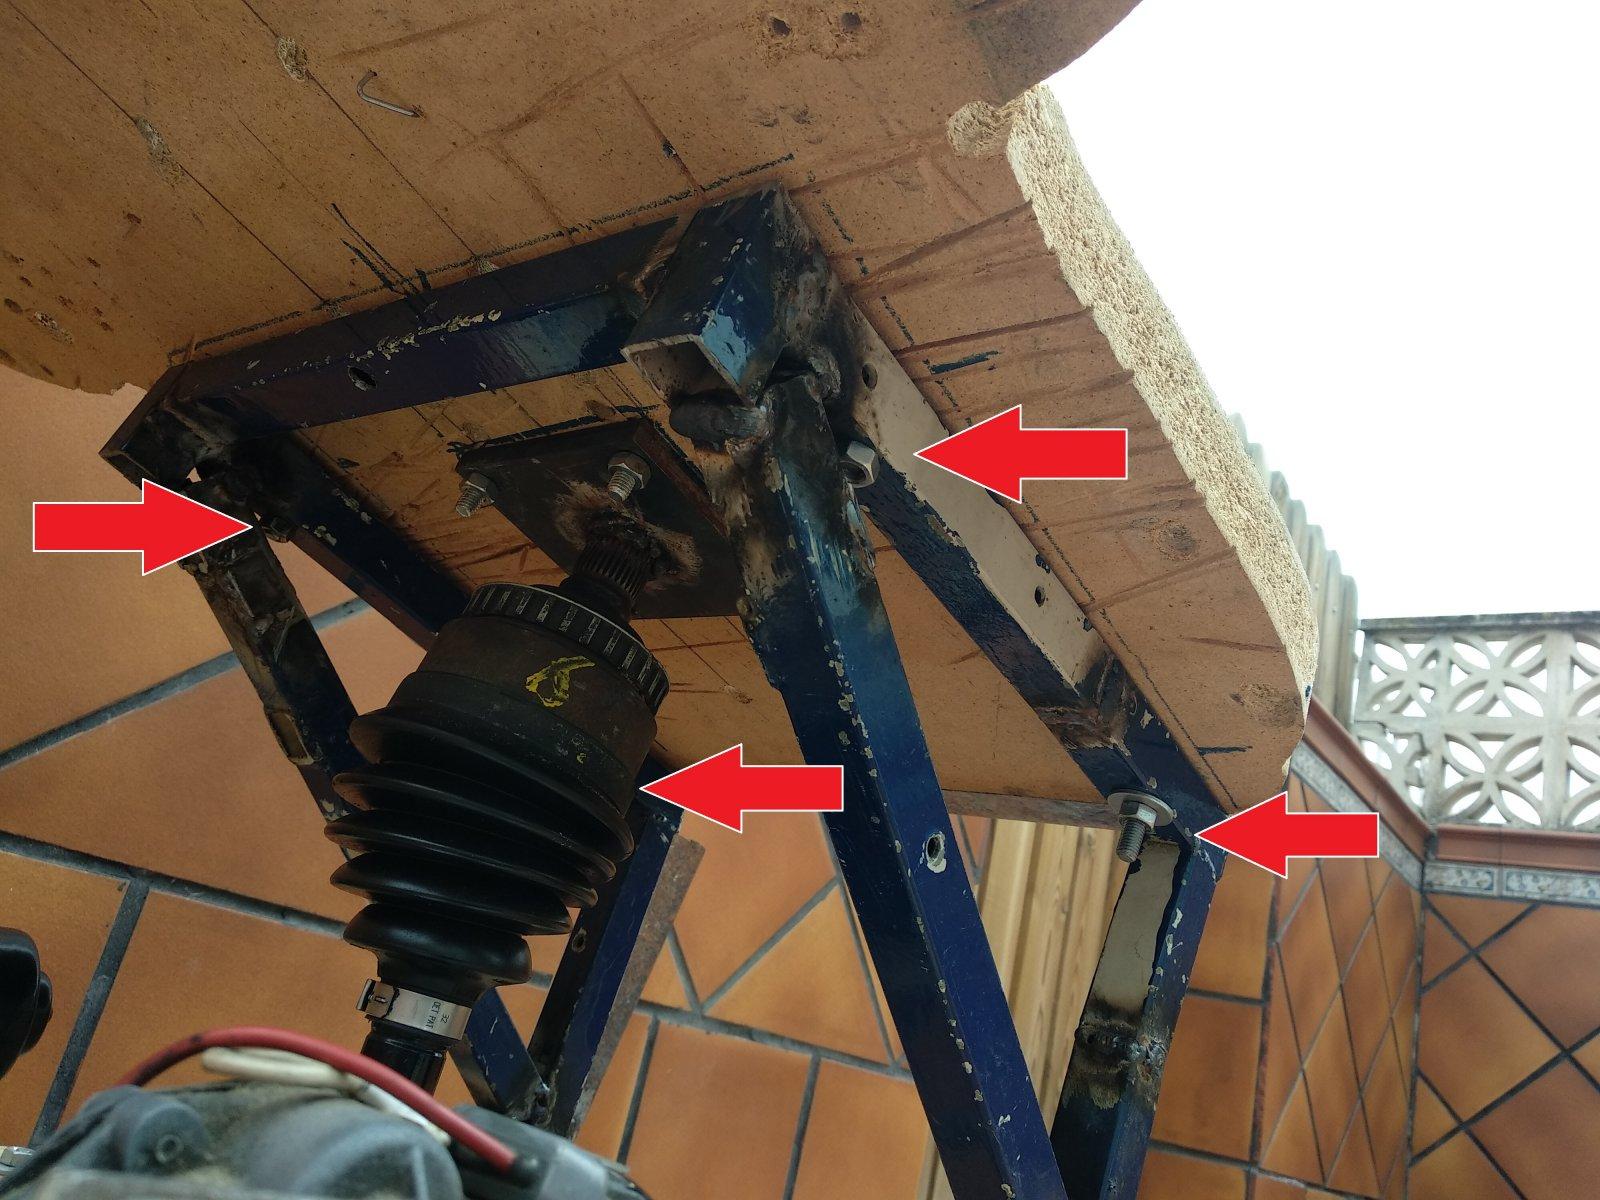 estructura por debajo flechas.jpg